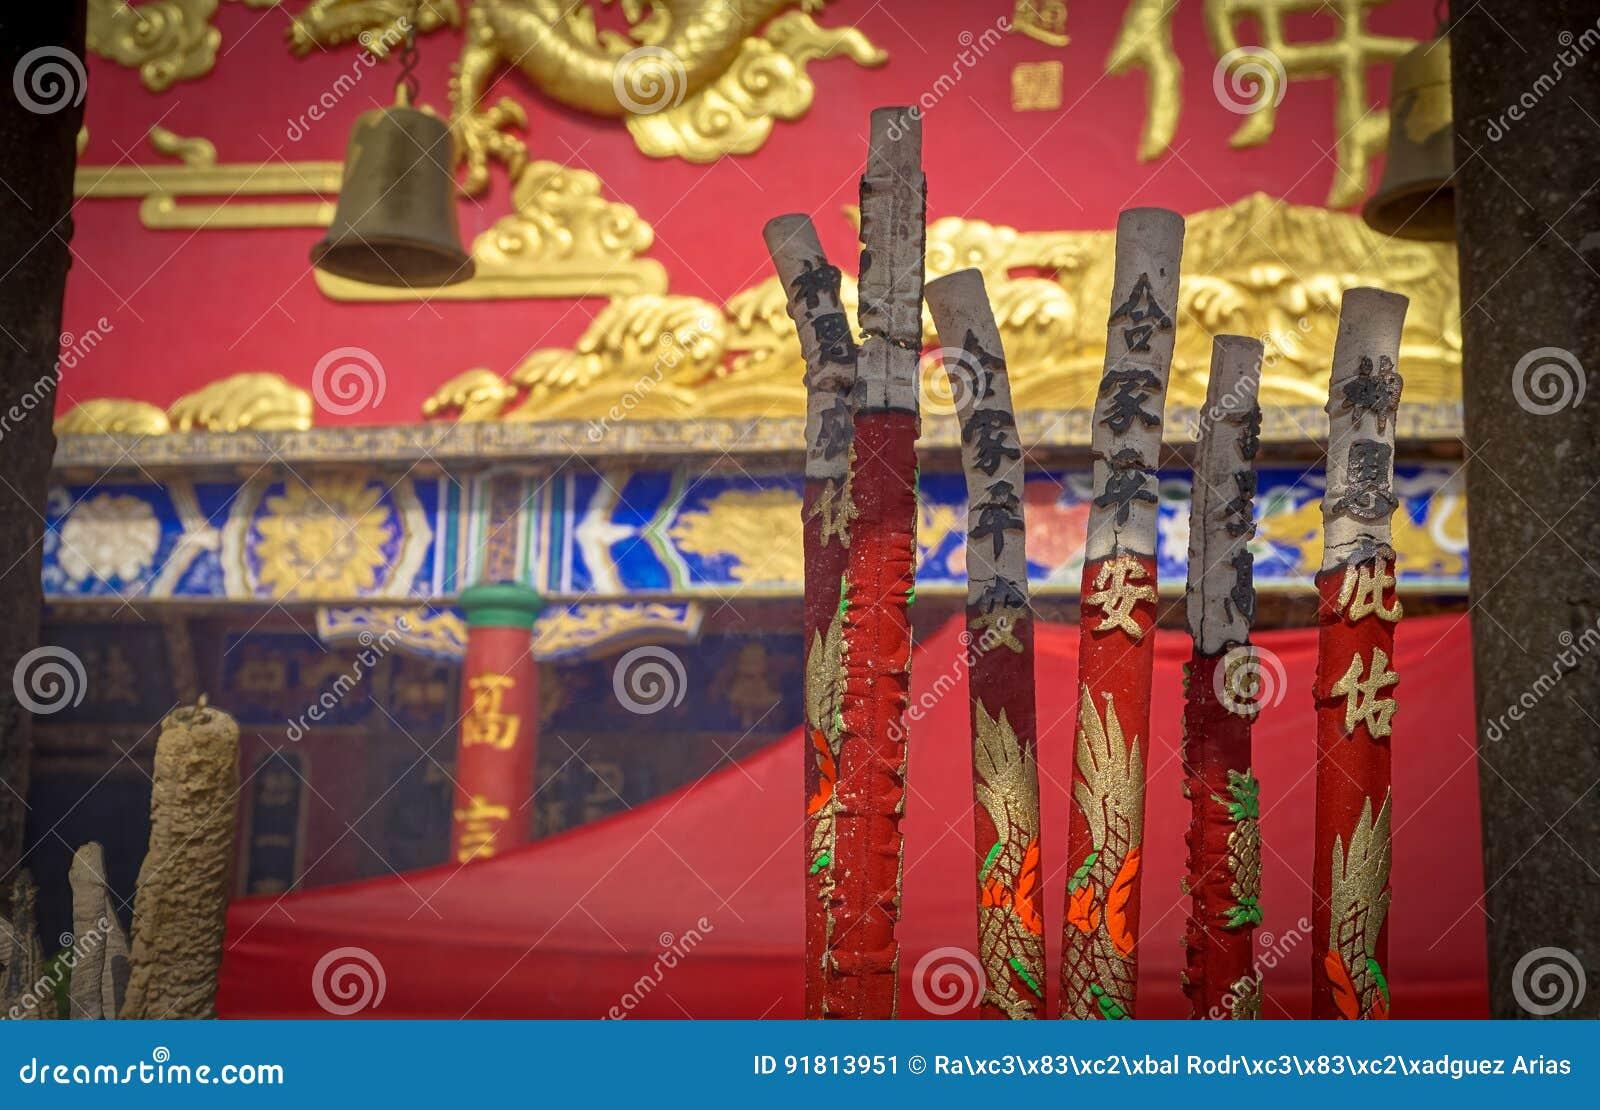 Inciense горящее вне 10 тысяч монастыря Buddhas, Гонконг